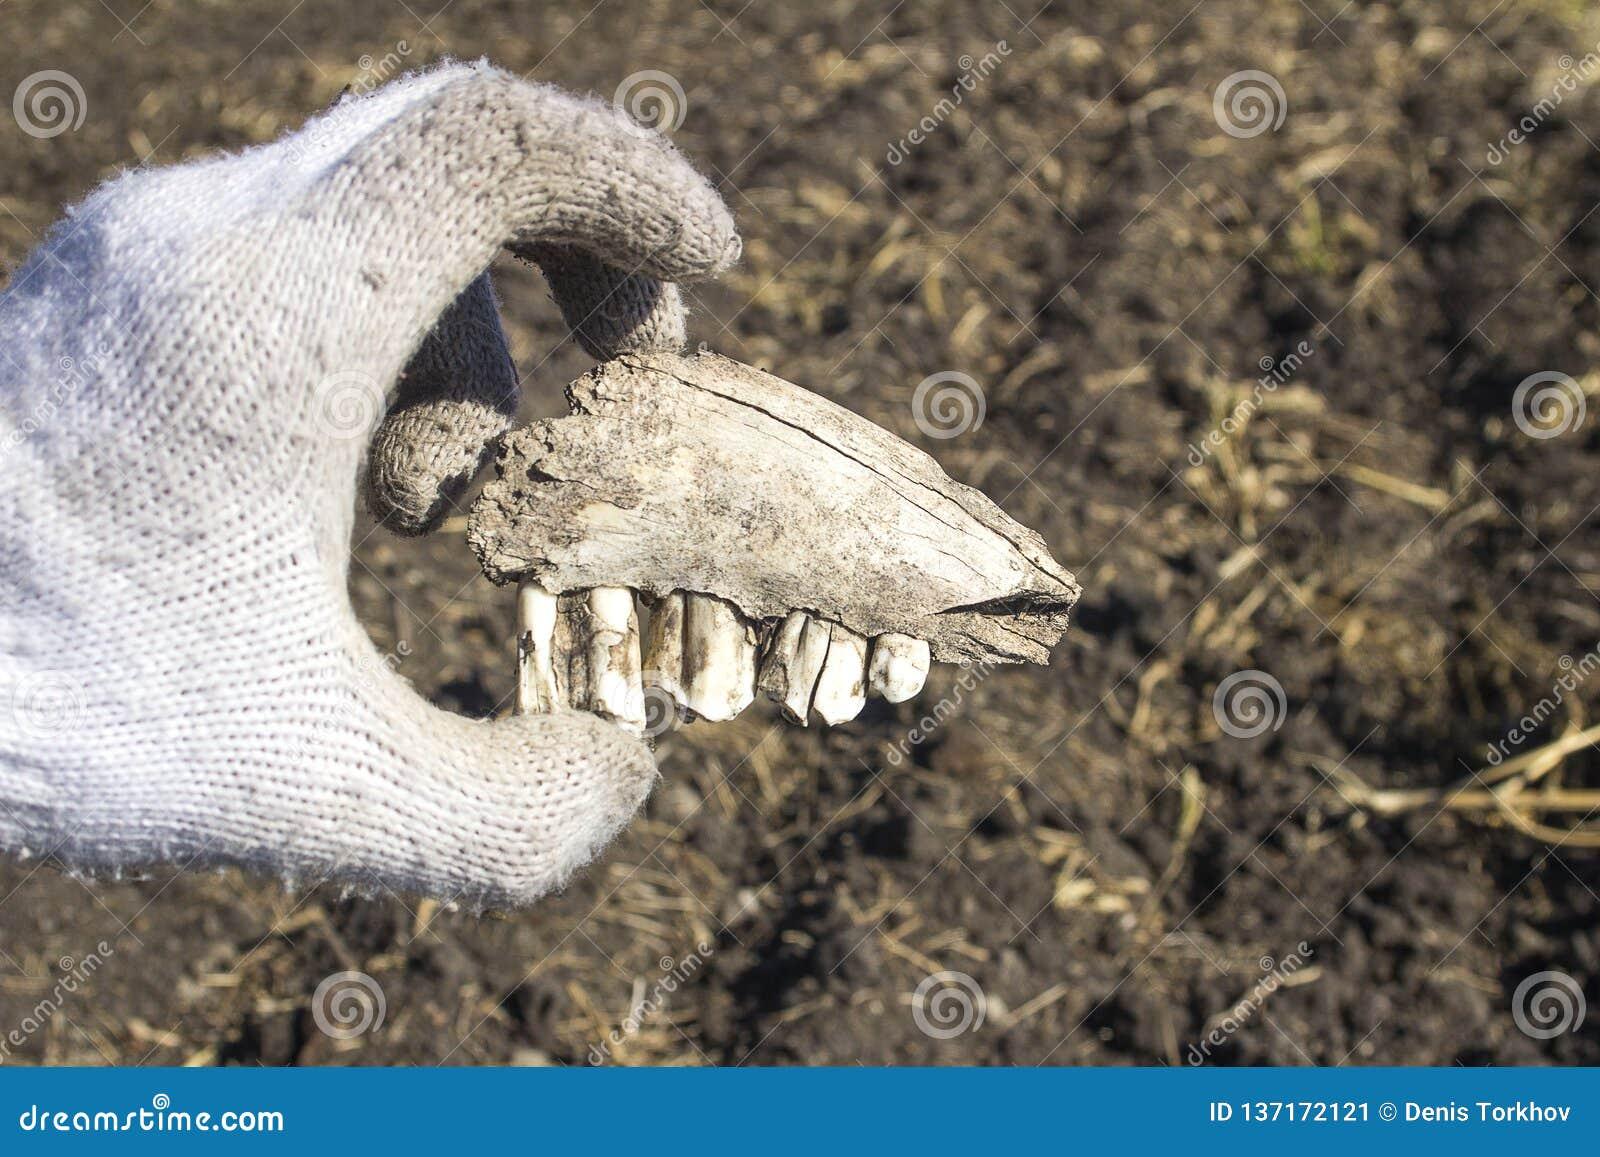 Ein alter Zahn gefunden während der Aushöhlungen mit einem Metalldetektor